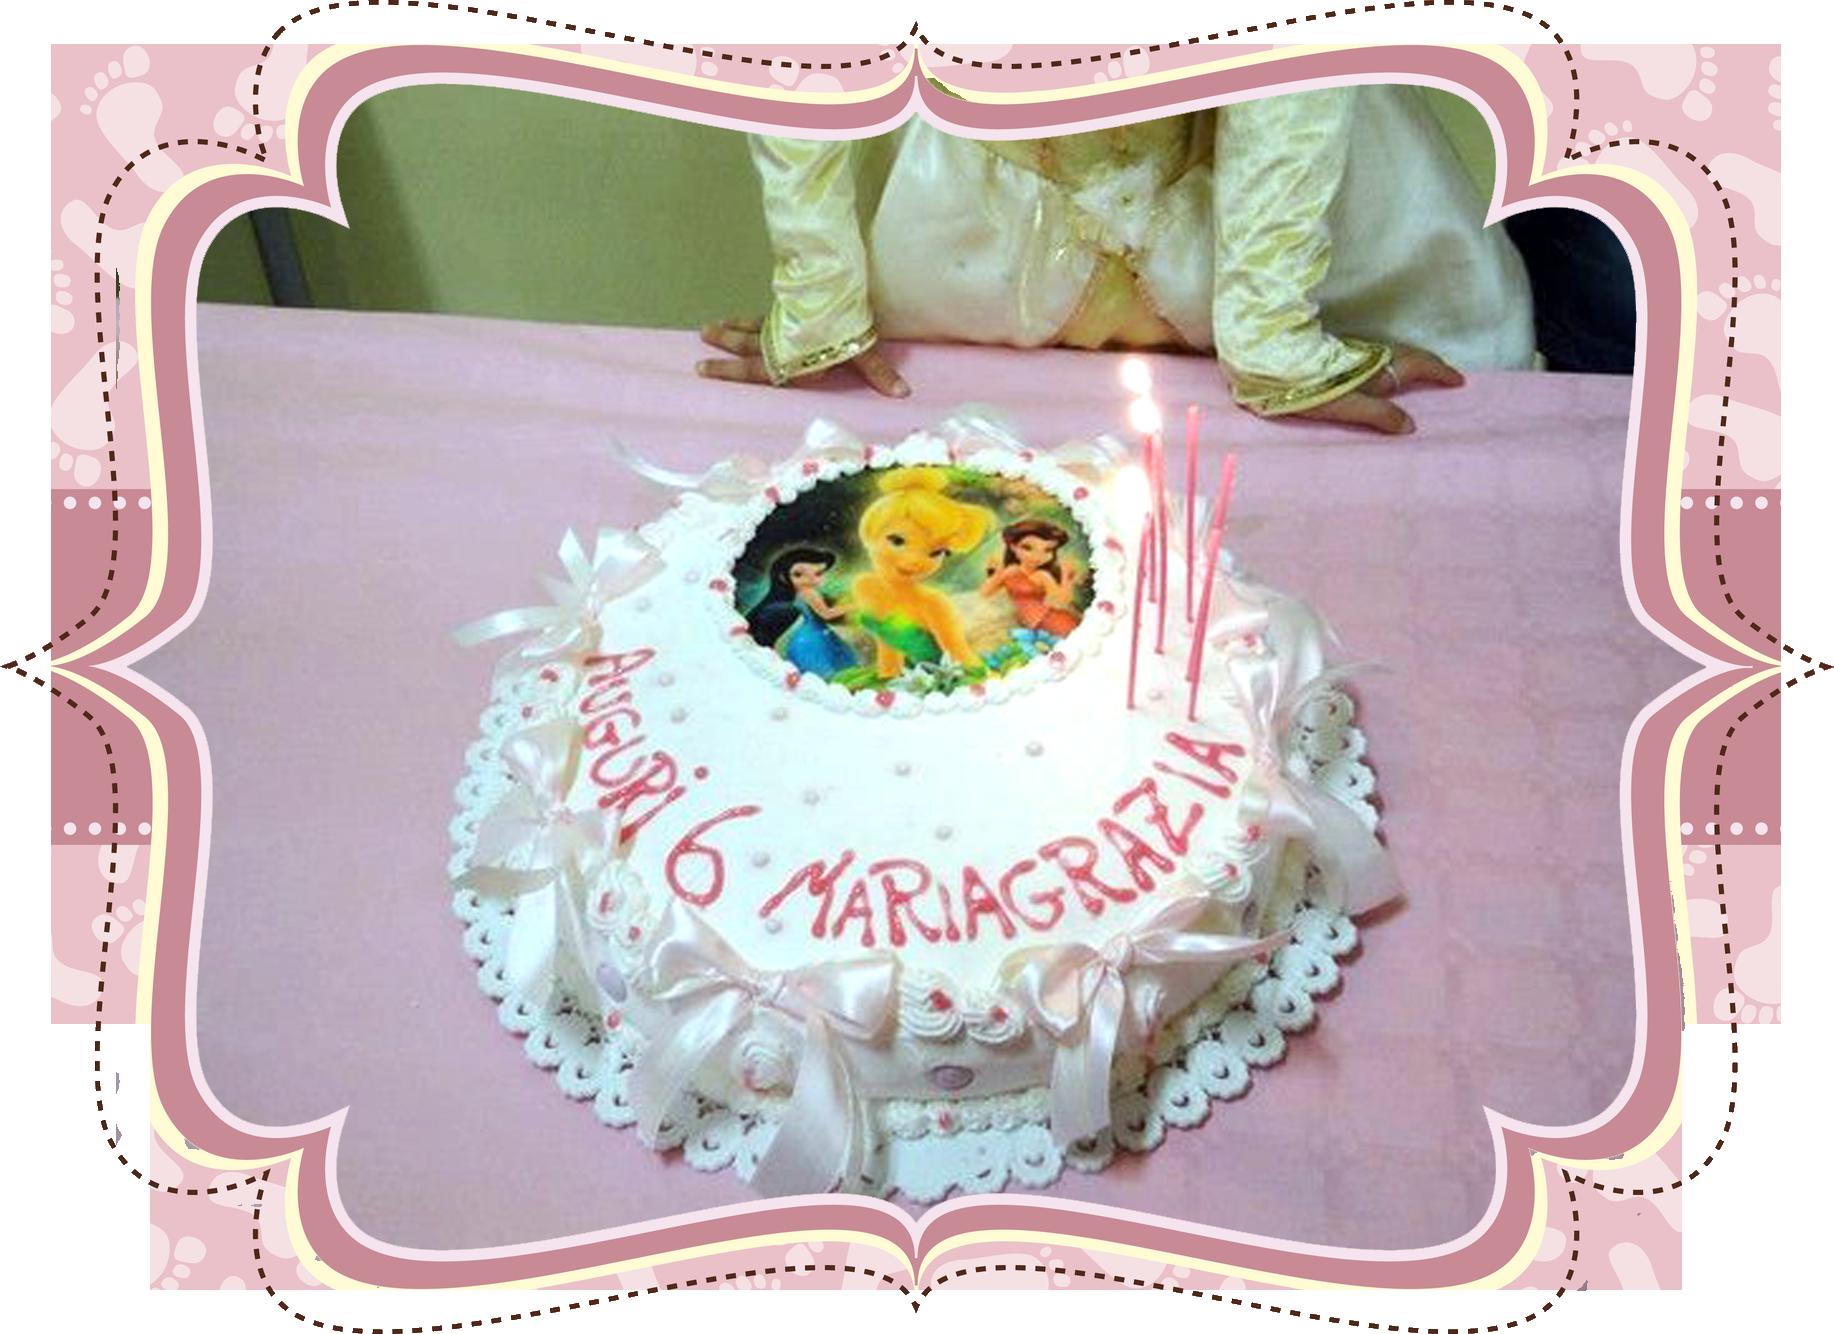 una torta di compleanno di una bambina